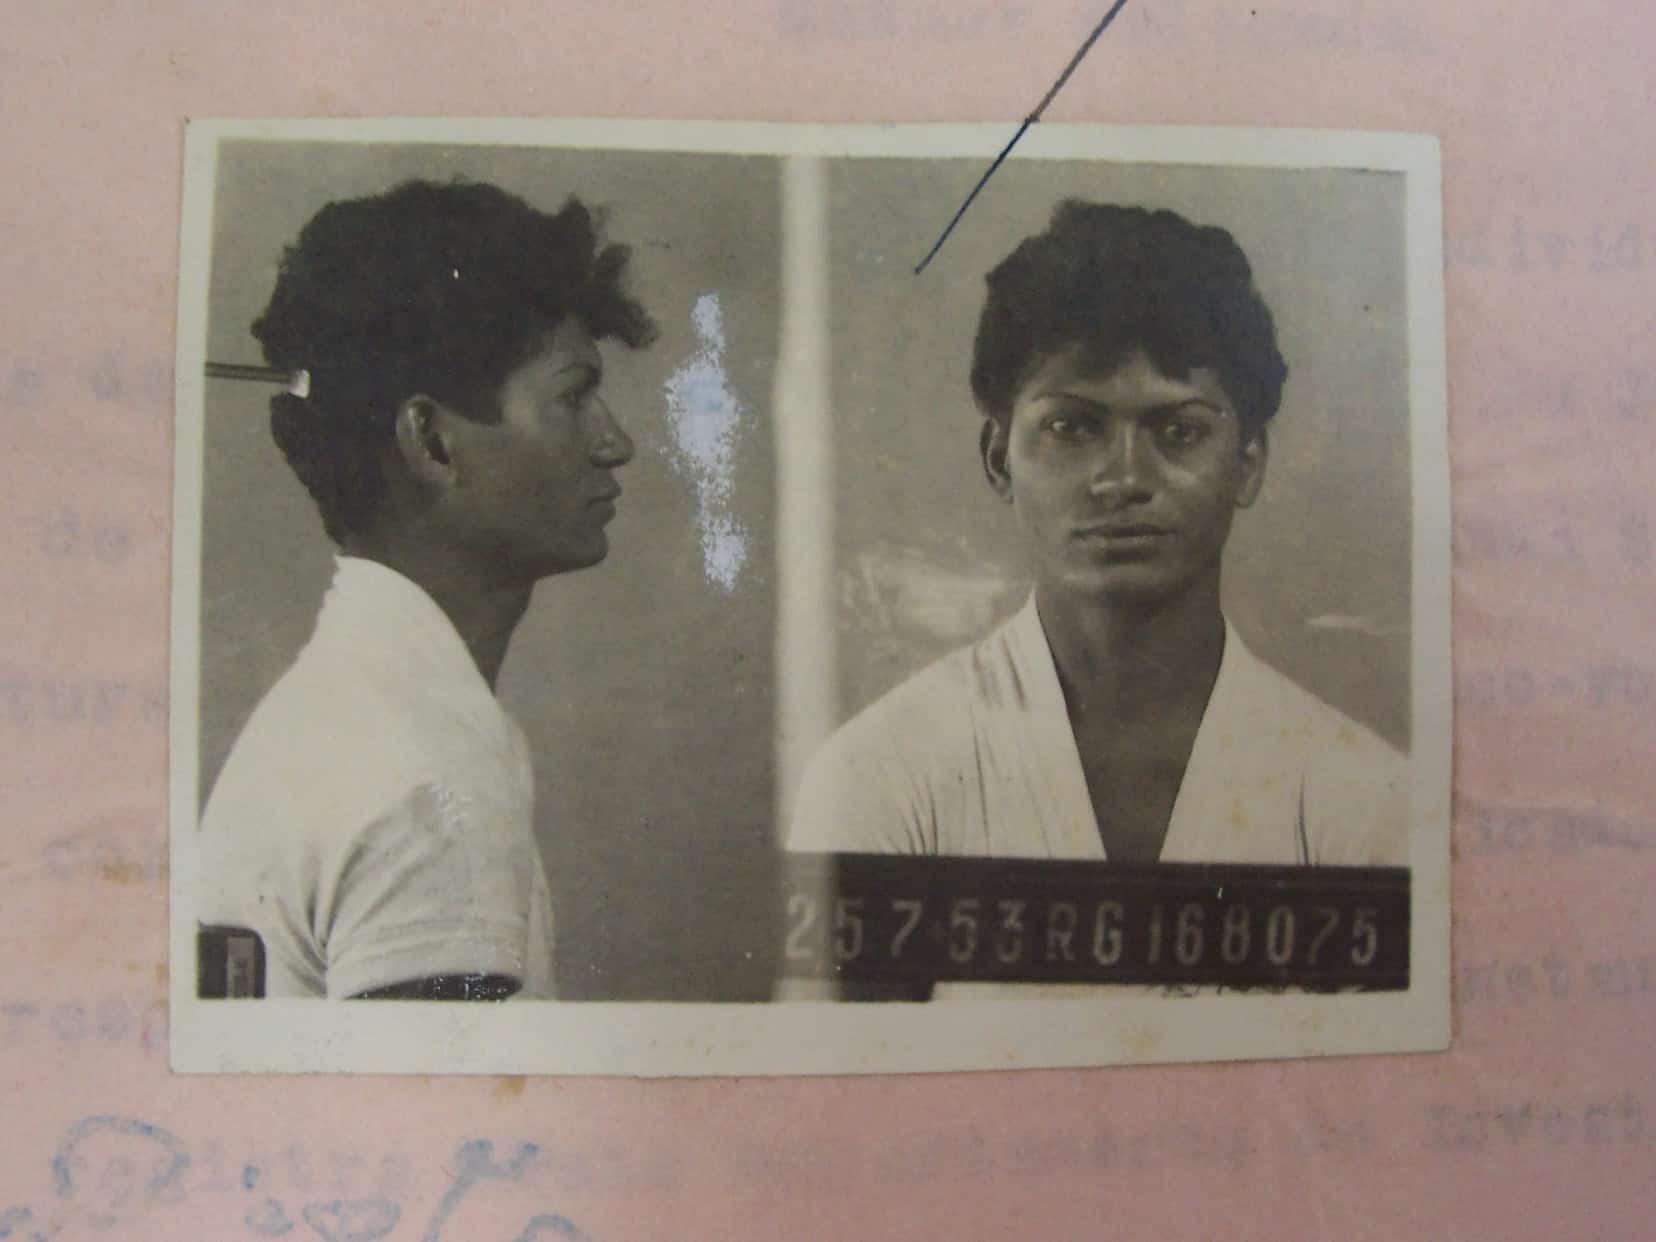 Travesti negra Cintura Fina é retratada em biografia